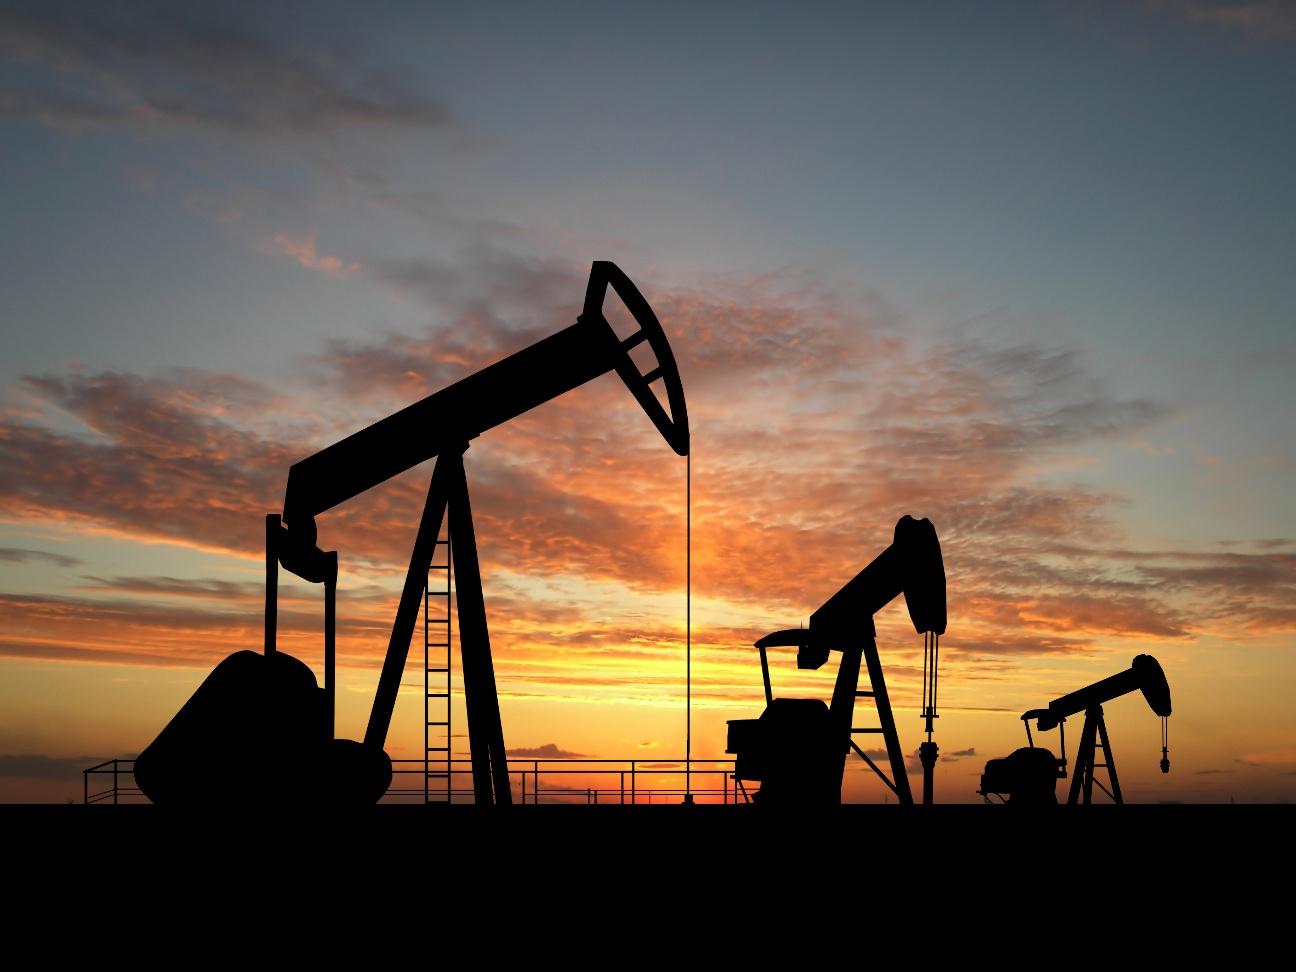 Crise do petróleo faz Venezuela reduzir ajuda a vizinhos   Folha ...